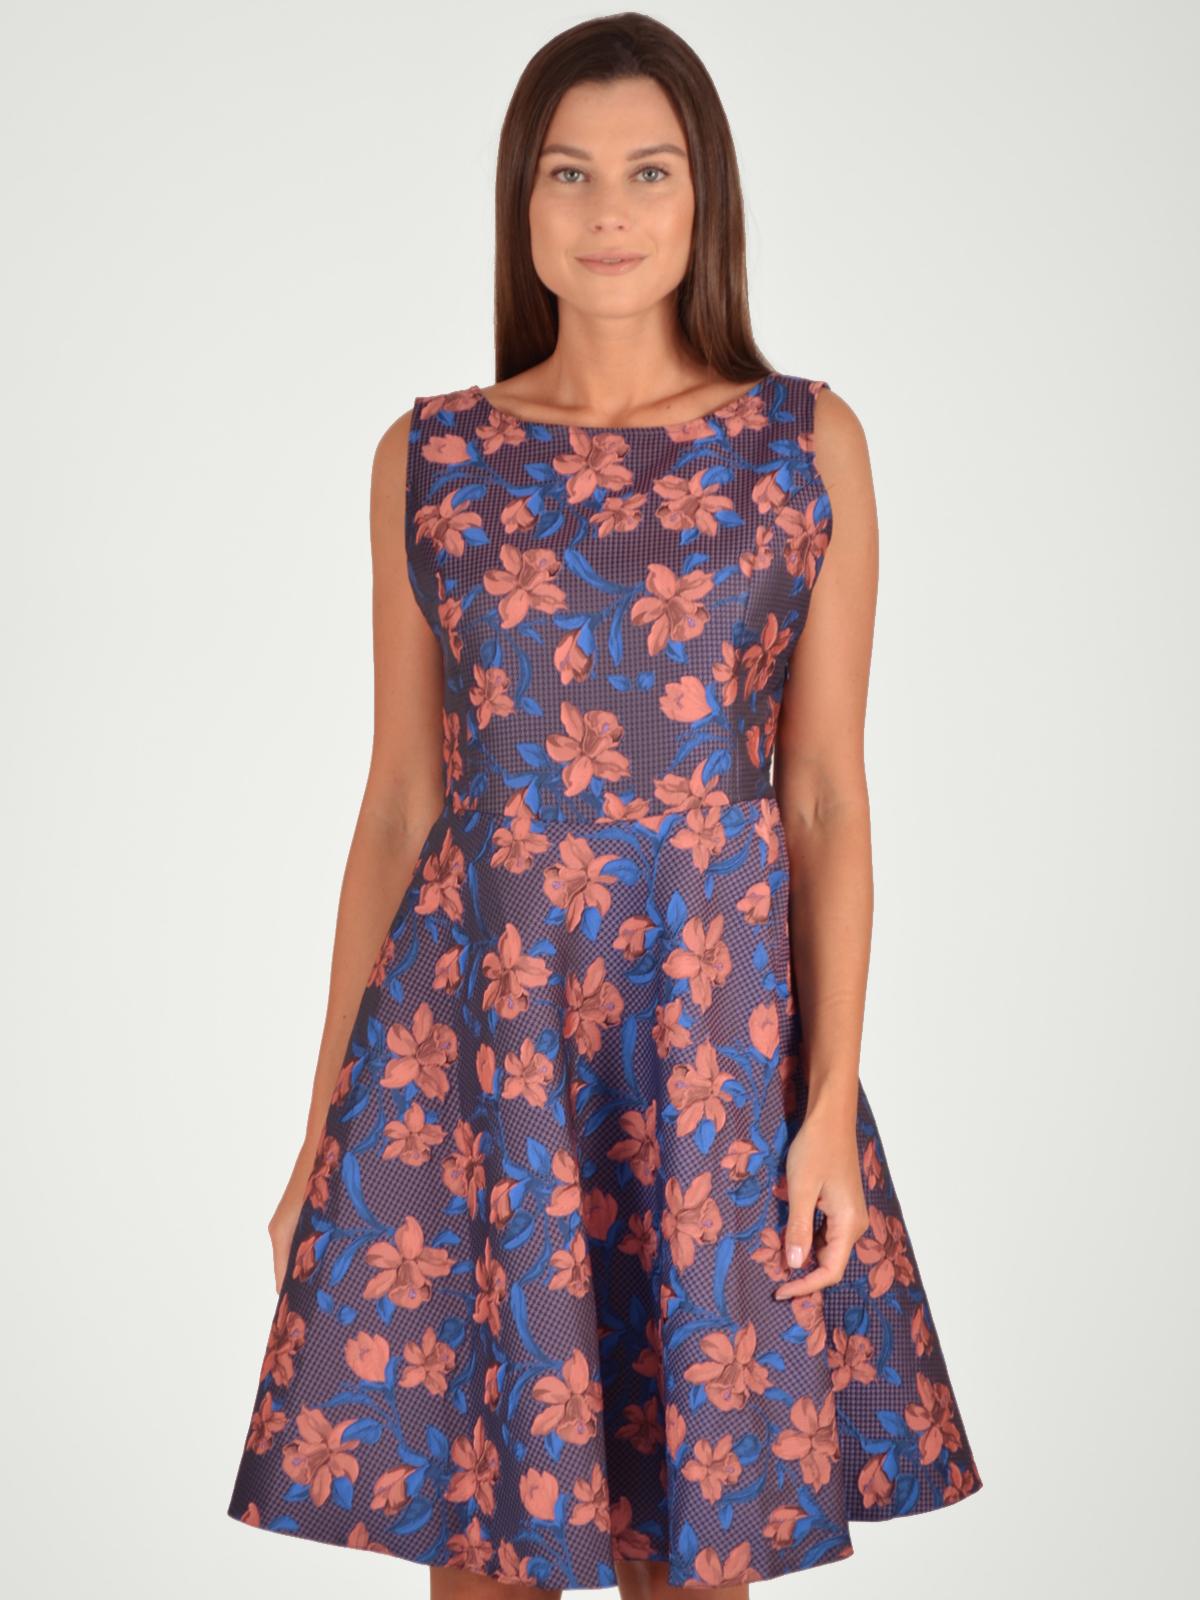 МОСМЕХА платье без рукавов с кружевной вставкой на спинке